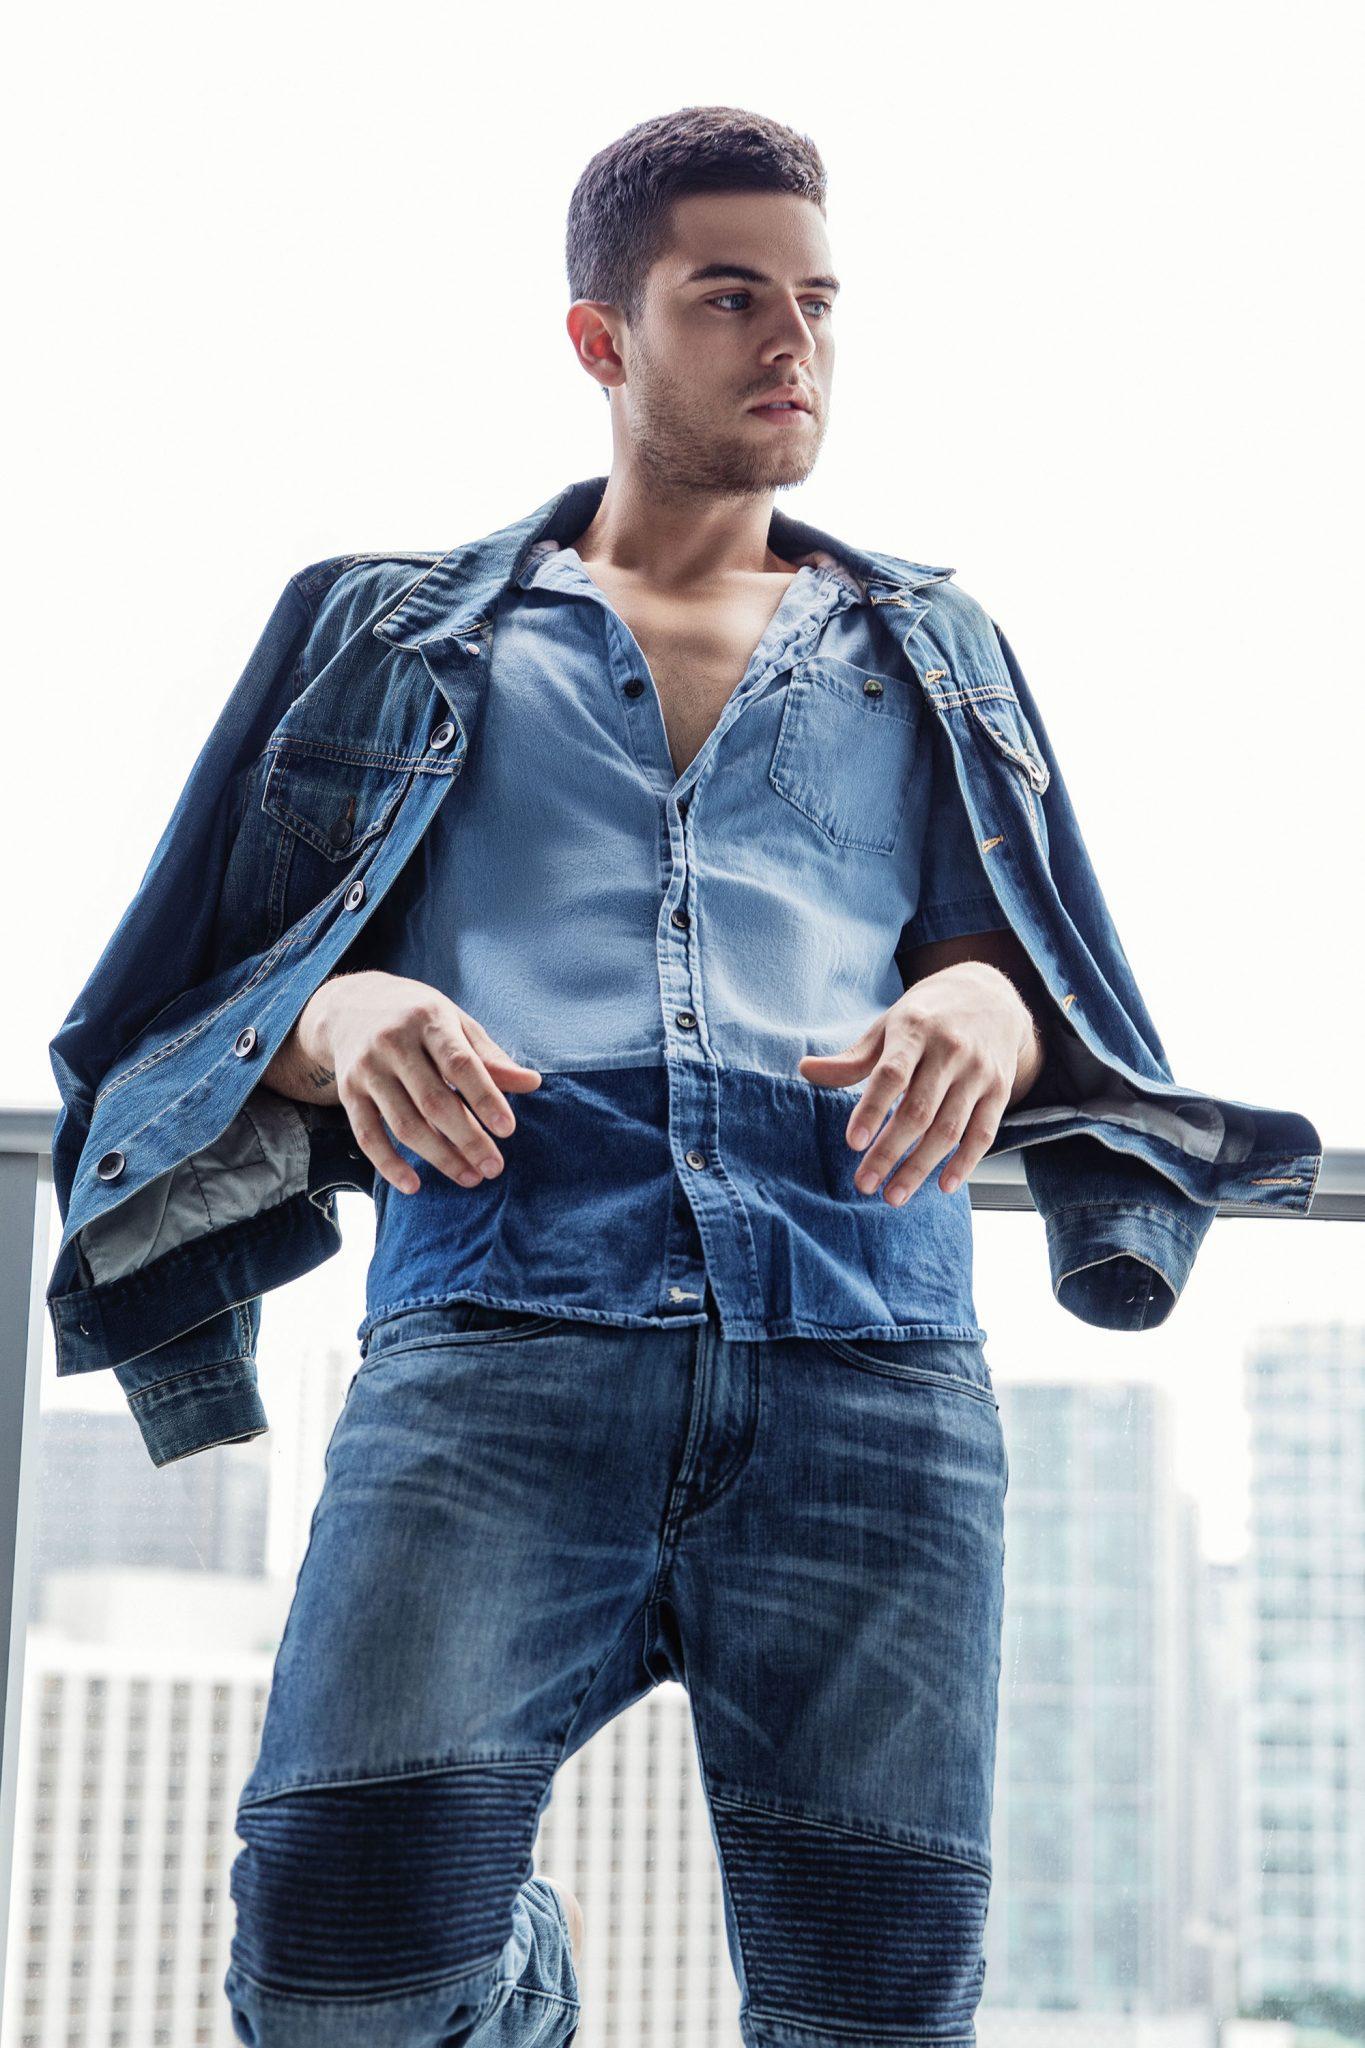 2018082202333267 - 巴西帅气肌肉男模 Andre Luis Brunelli / Alex Jackson摄影作品